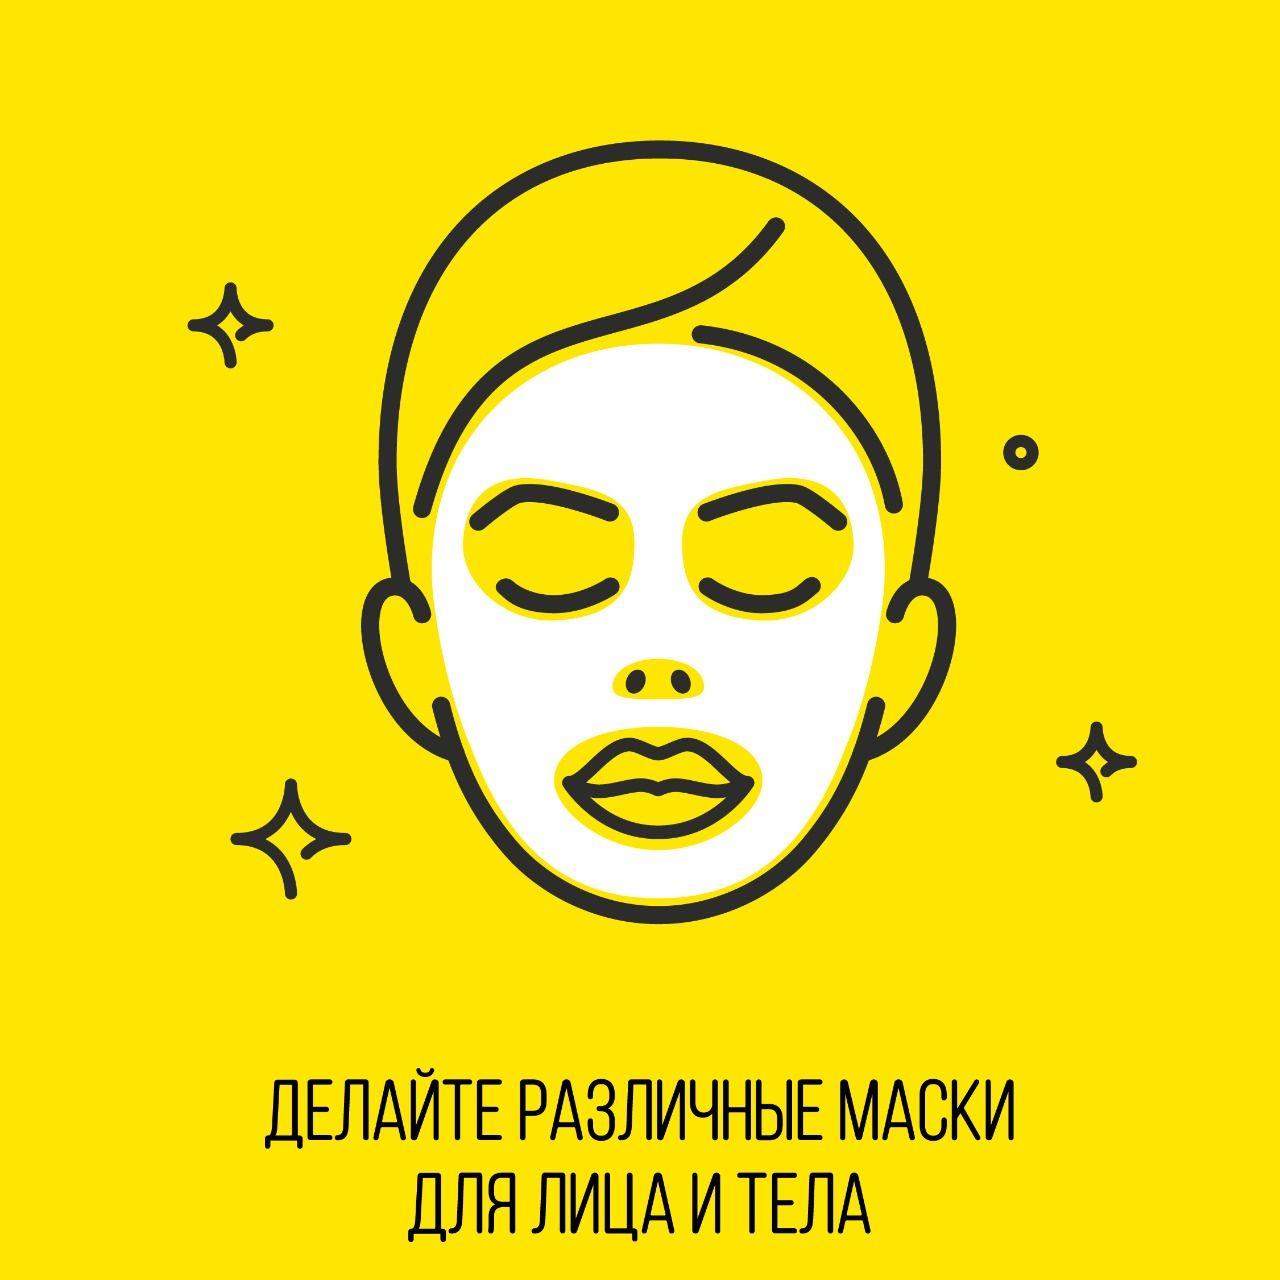 Правильное питание и маски для волос: как ухаживать за собой во время самоизоляции